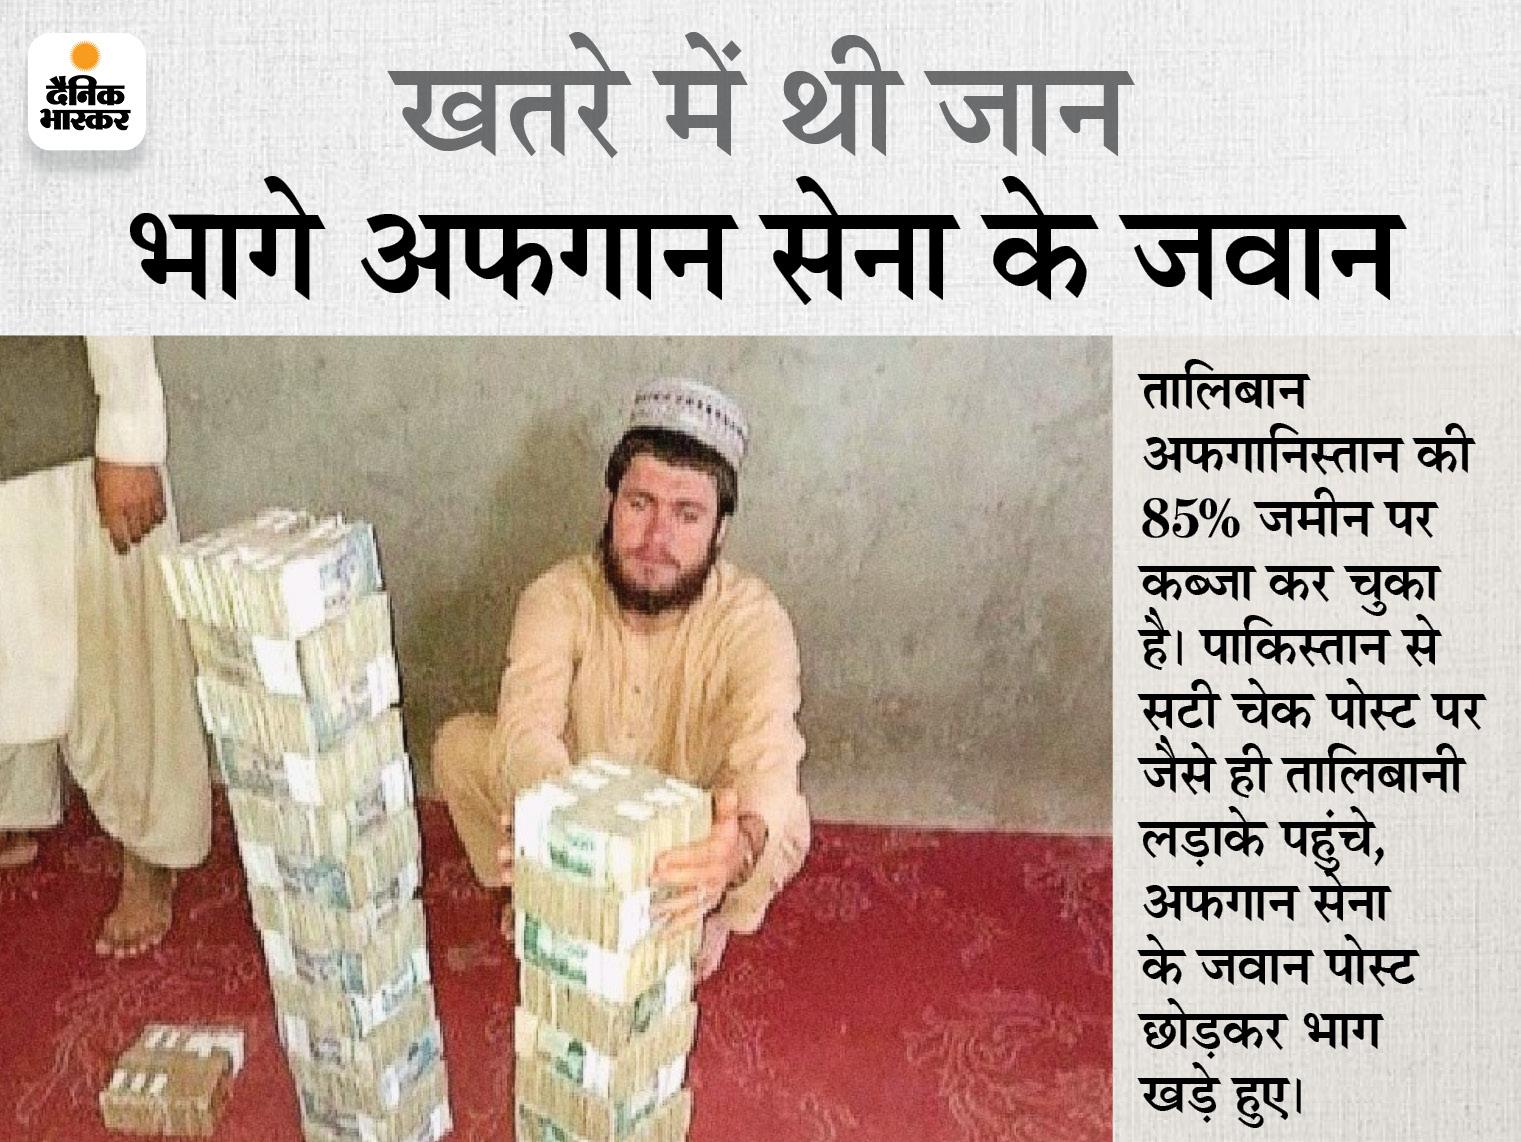 पाकिस्तान से सटी चौकी पर कब्जा किया तो मिले 300 करोड़ रुपए, यह पैसा अफगानिस्तान की सेना छोड़कर भागी थी|विदेश,International - Dainik Bhaskar